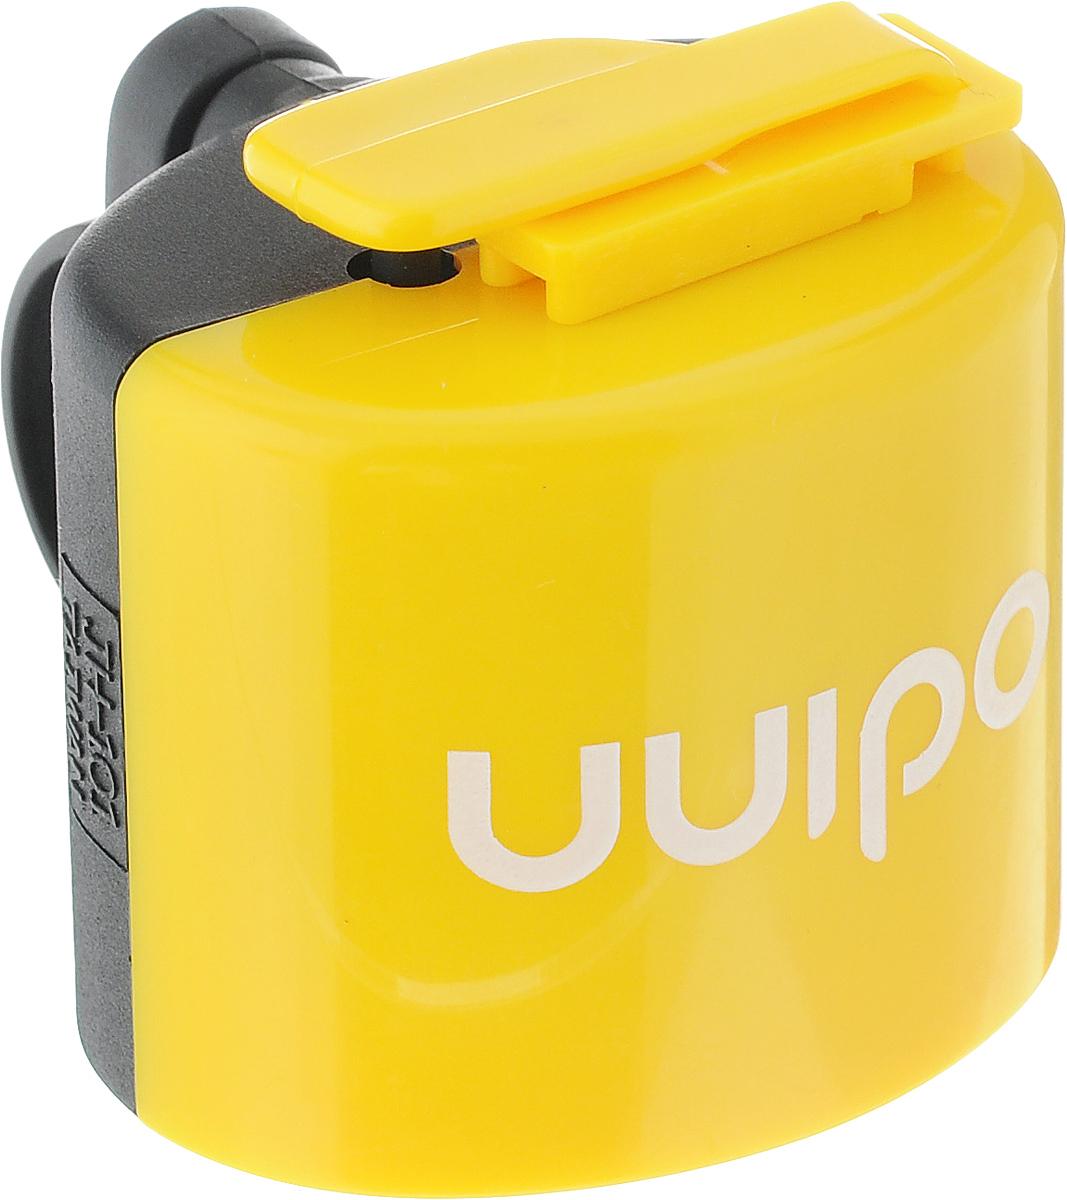 Звонок велосипедный Odinn, электронный, цвет: желтый, черныйJH-101_желтый, черныйЭлектронный звонок Odinn крепится на руль велосипеда и позволяет привлечь внимание в опасных ситуациях. Звонок выполнен из водонепроницаемого пластика, долговечен в использовании. Основным его назначением является предотвращения столкновения, как на дорогах общего пользования, так и на тротуарах.